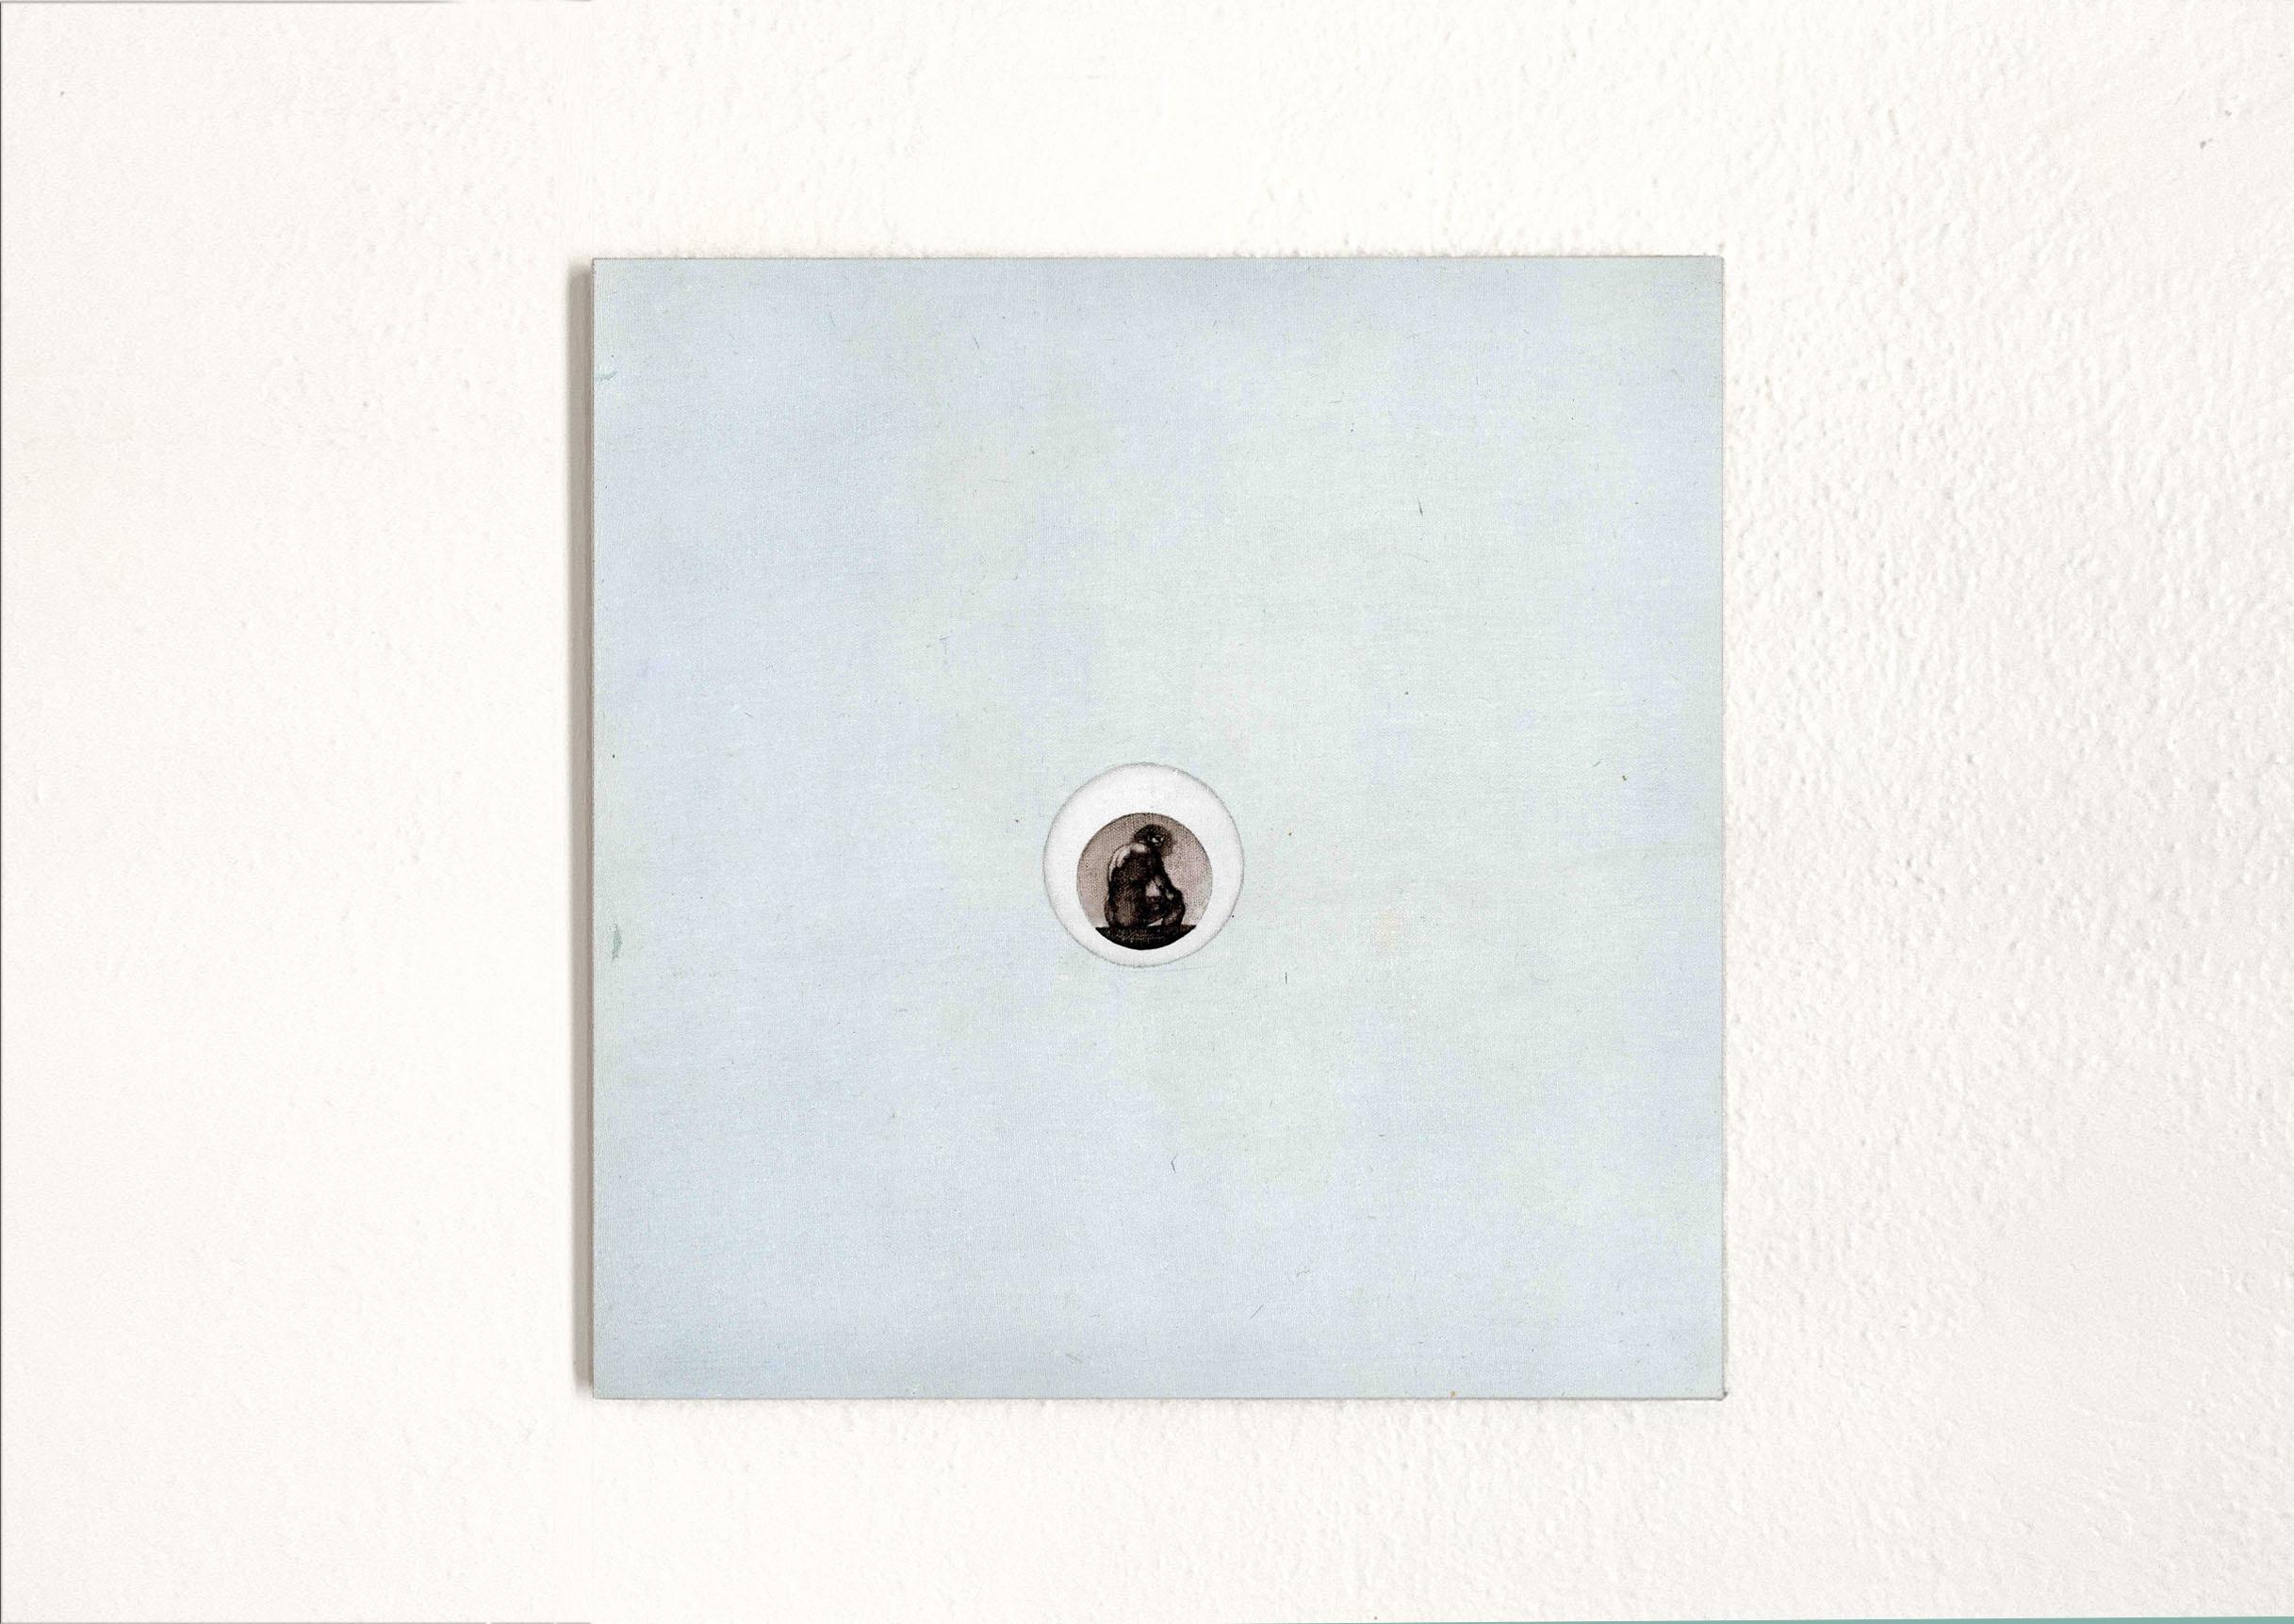 Renato Rios. Goya, 2015. óleo sobre linho. 30cm x 30cm